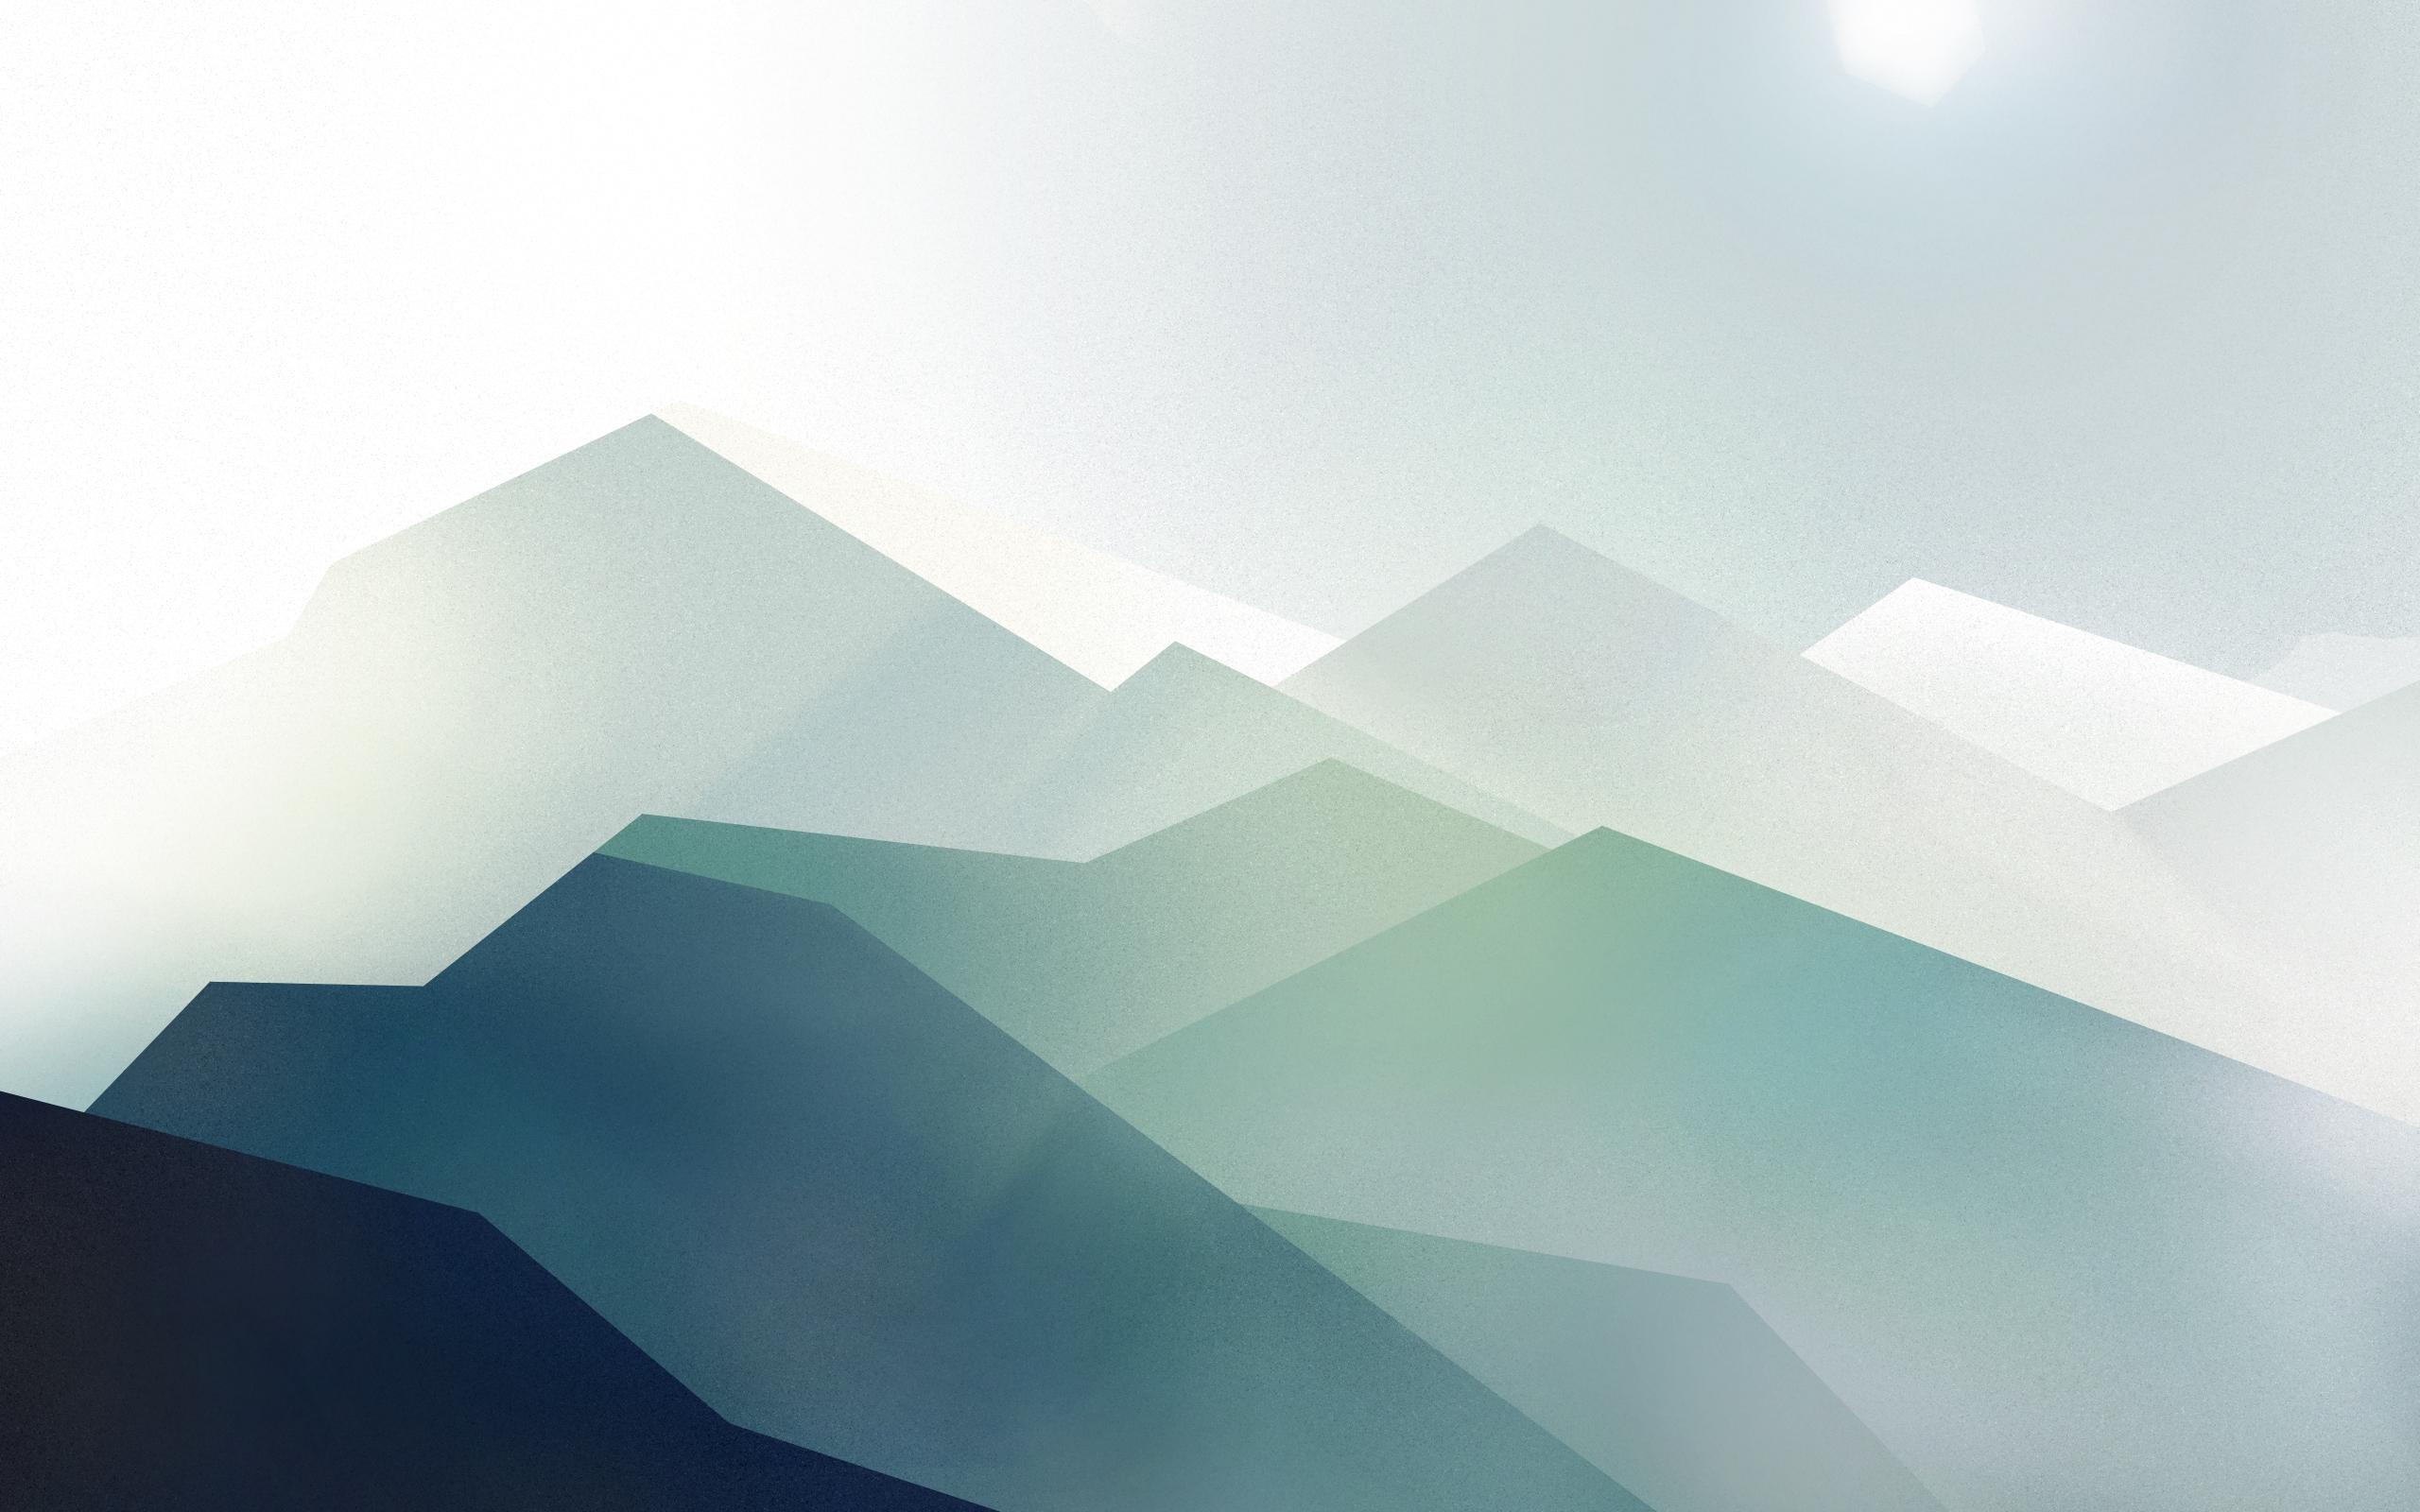 Wallpaper Der Woche: Gebirge Abstrakt